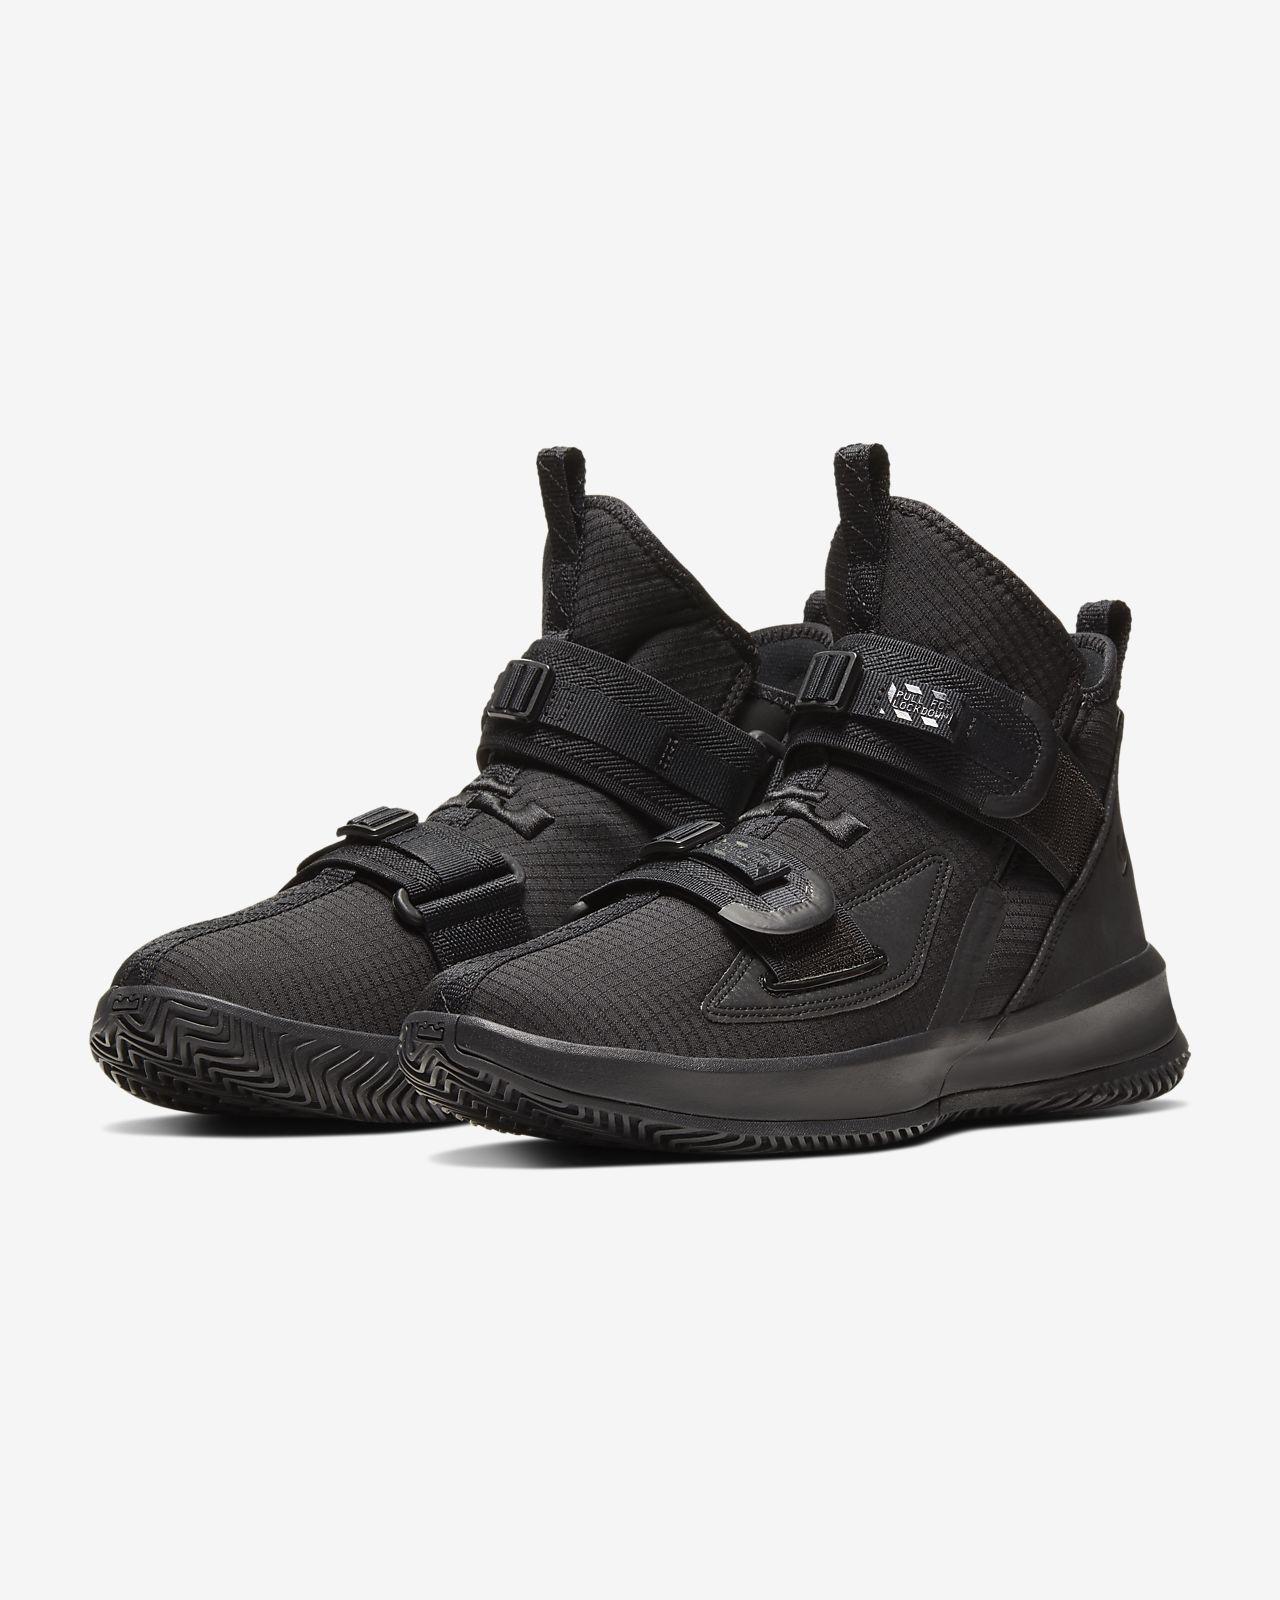 Buty do koszykówki LeBron Soldier 13 SFG